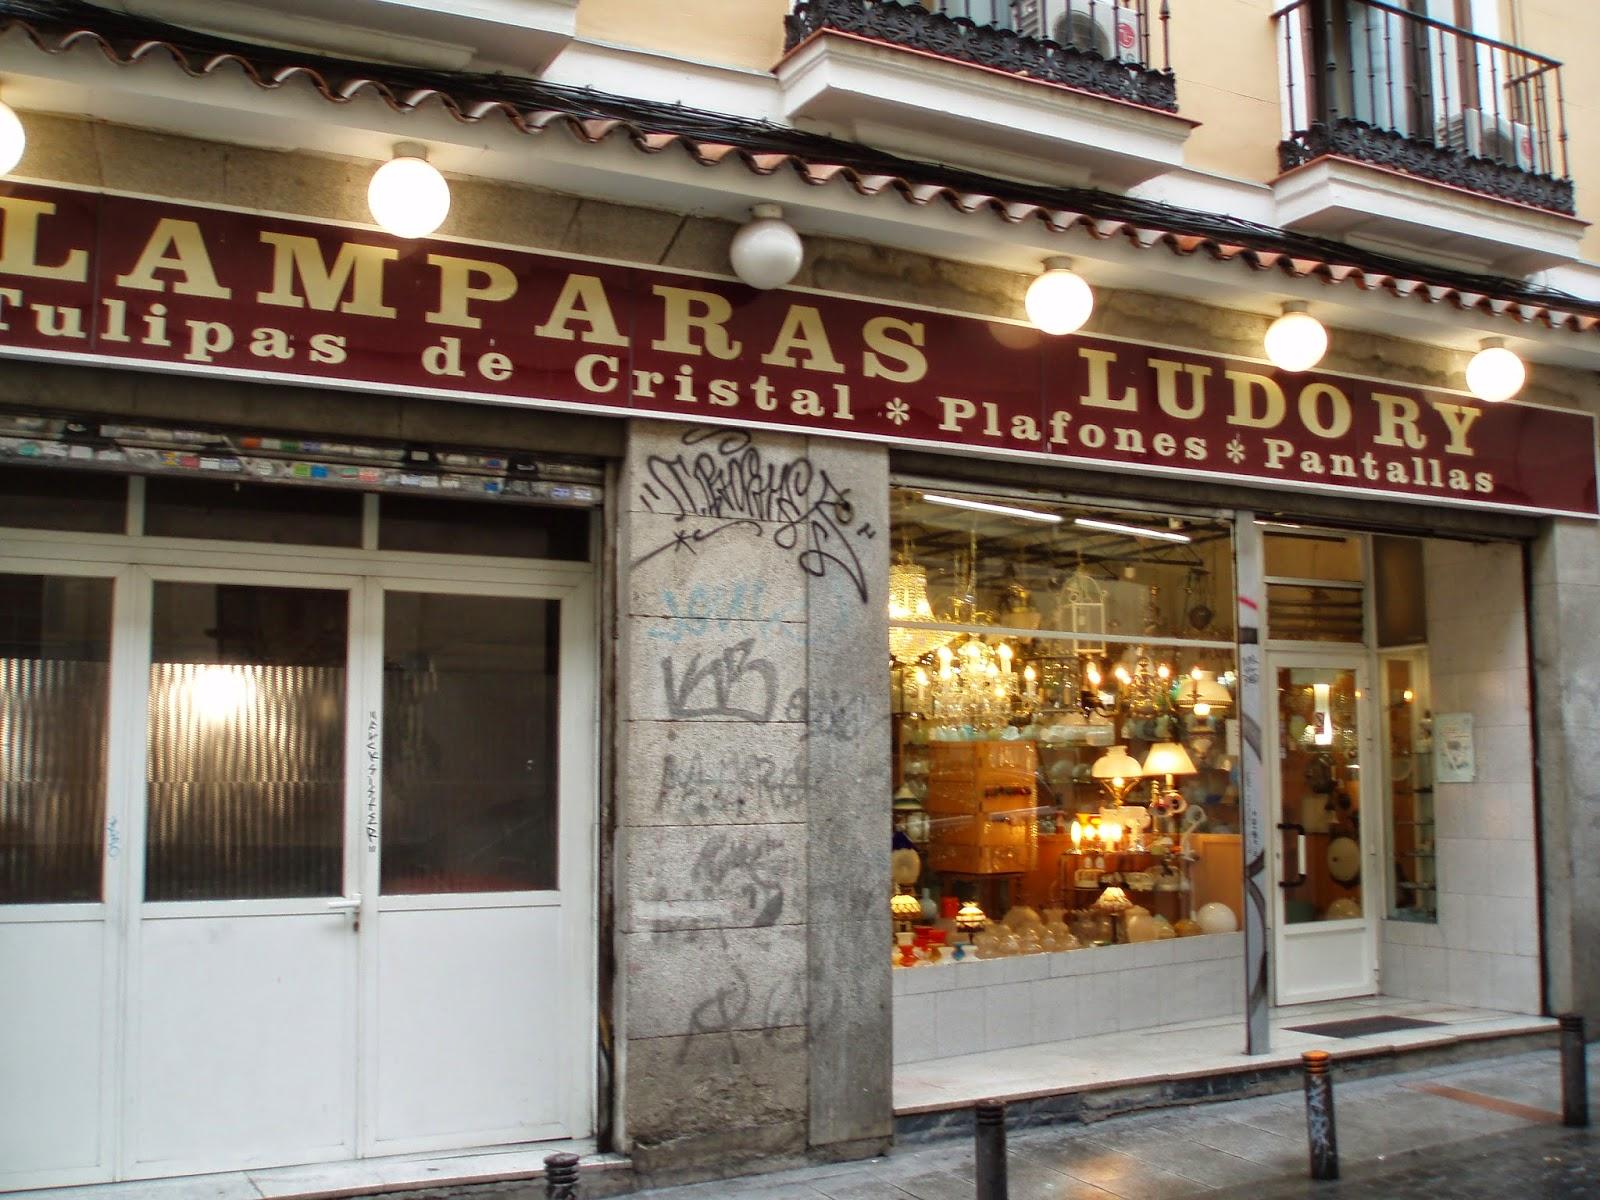 Tienda Lamparas Madrid La Laborteca Febrero 2013